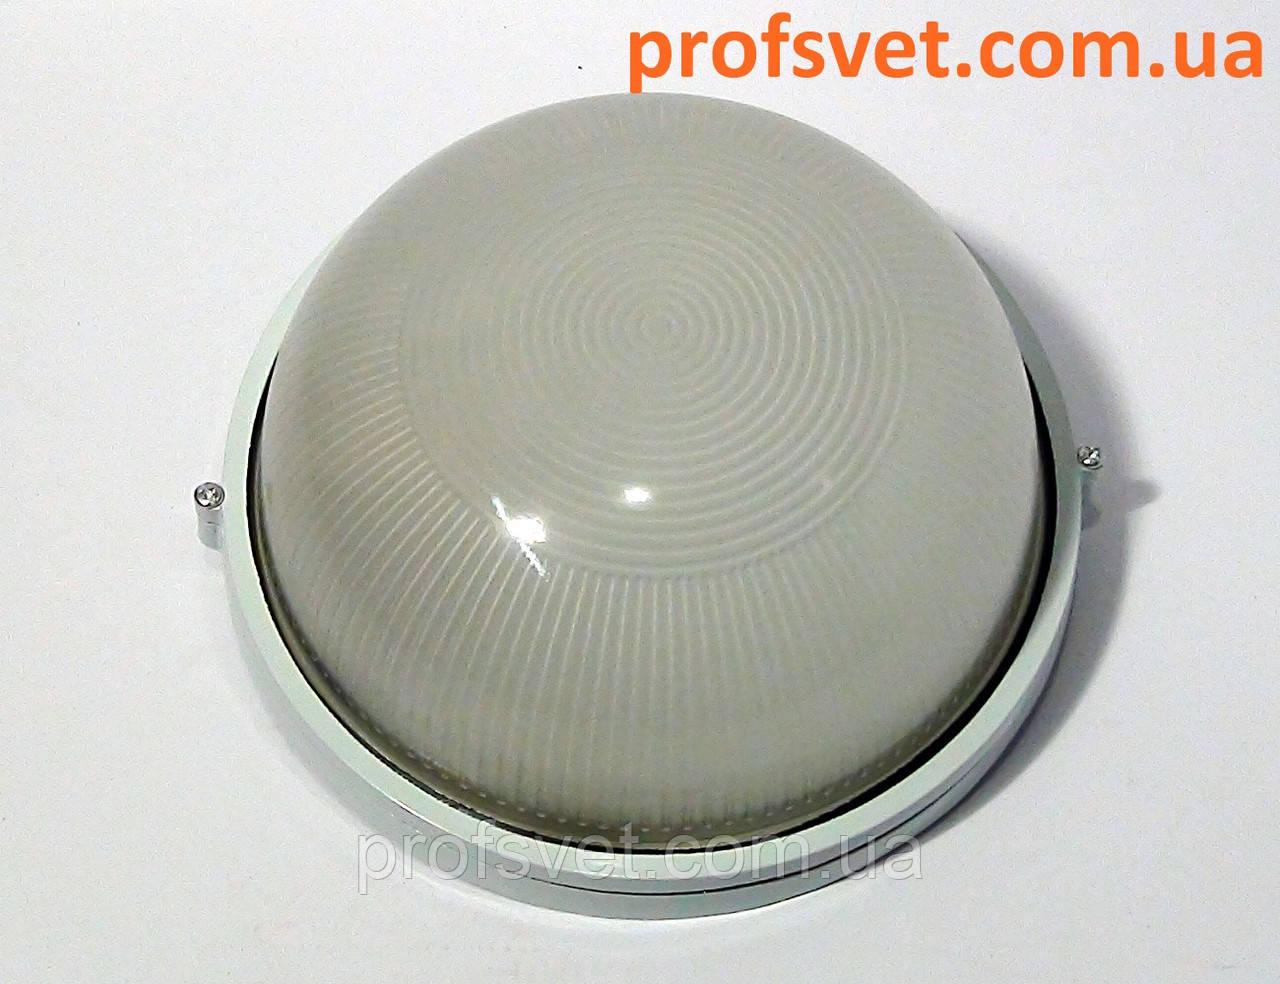 Светильник MIF-010 100 вт Е27 белый для ЖКХ